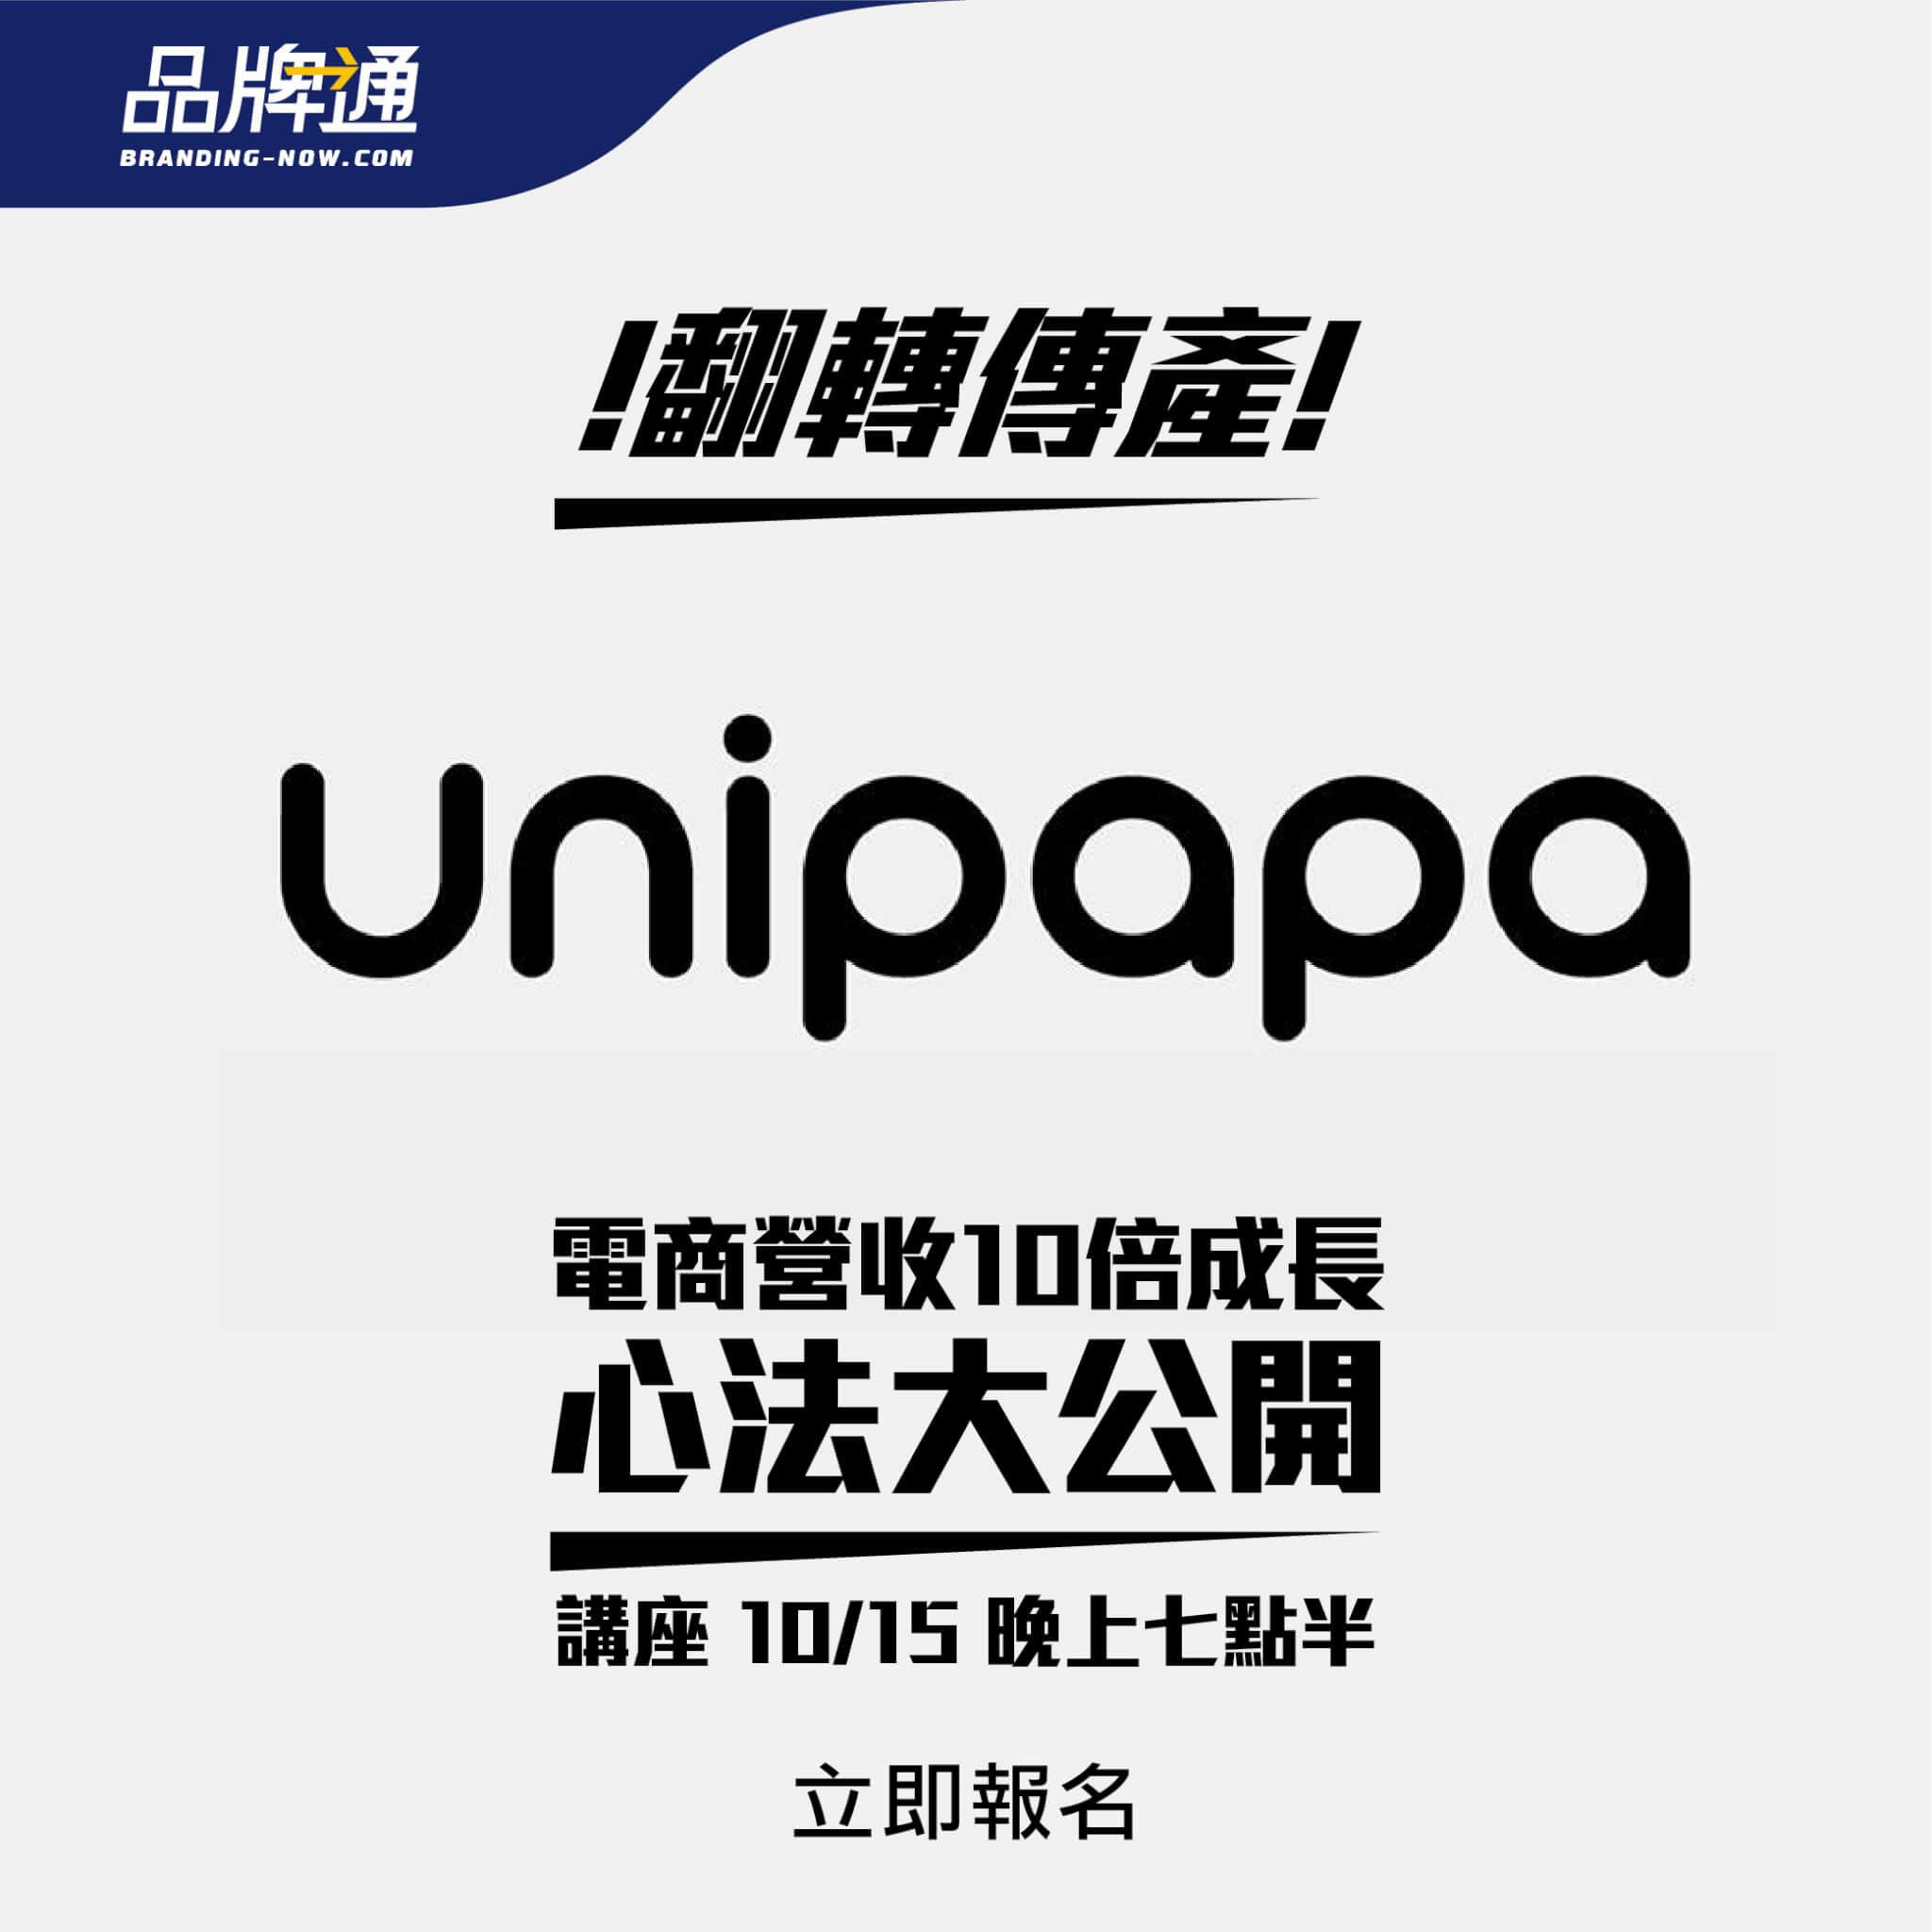 翻轉傳產! Unipapa電商營收10倍成長心法大公開